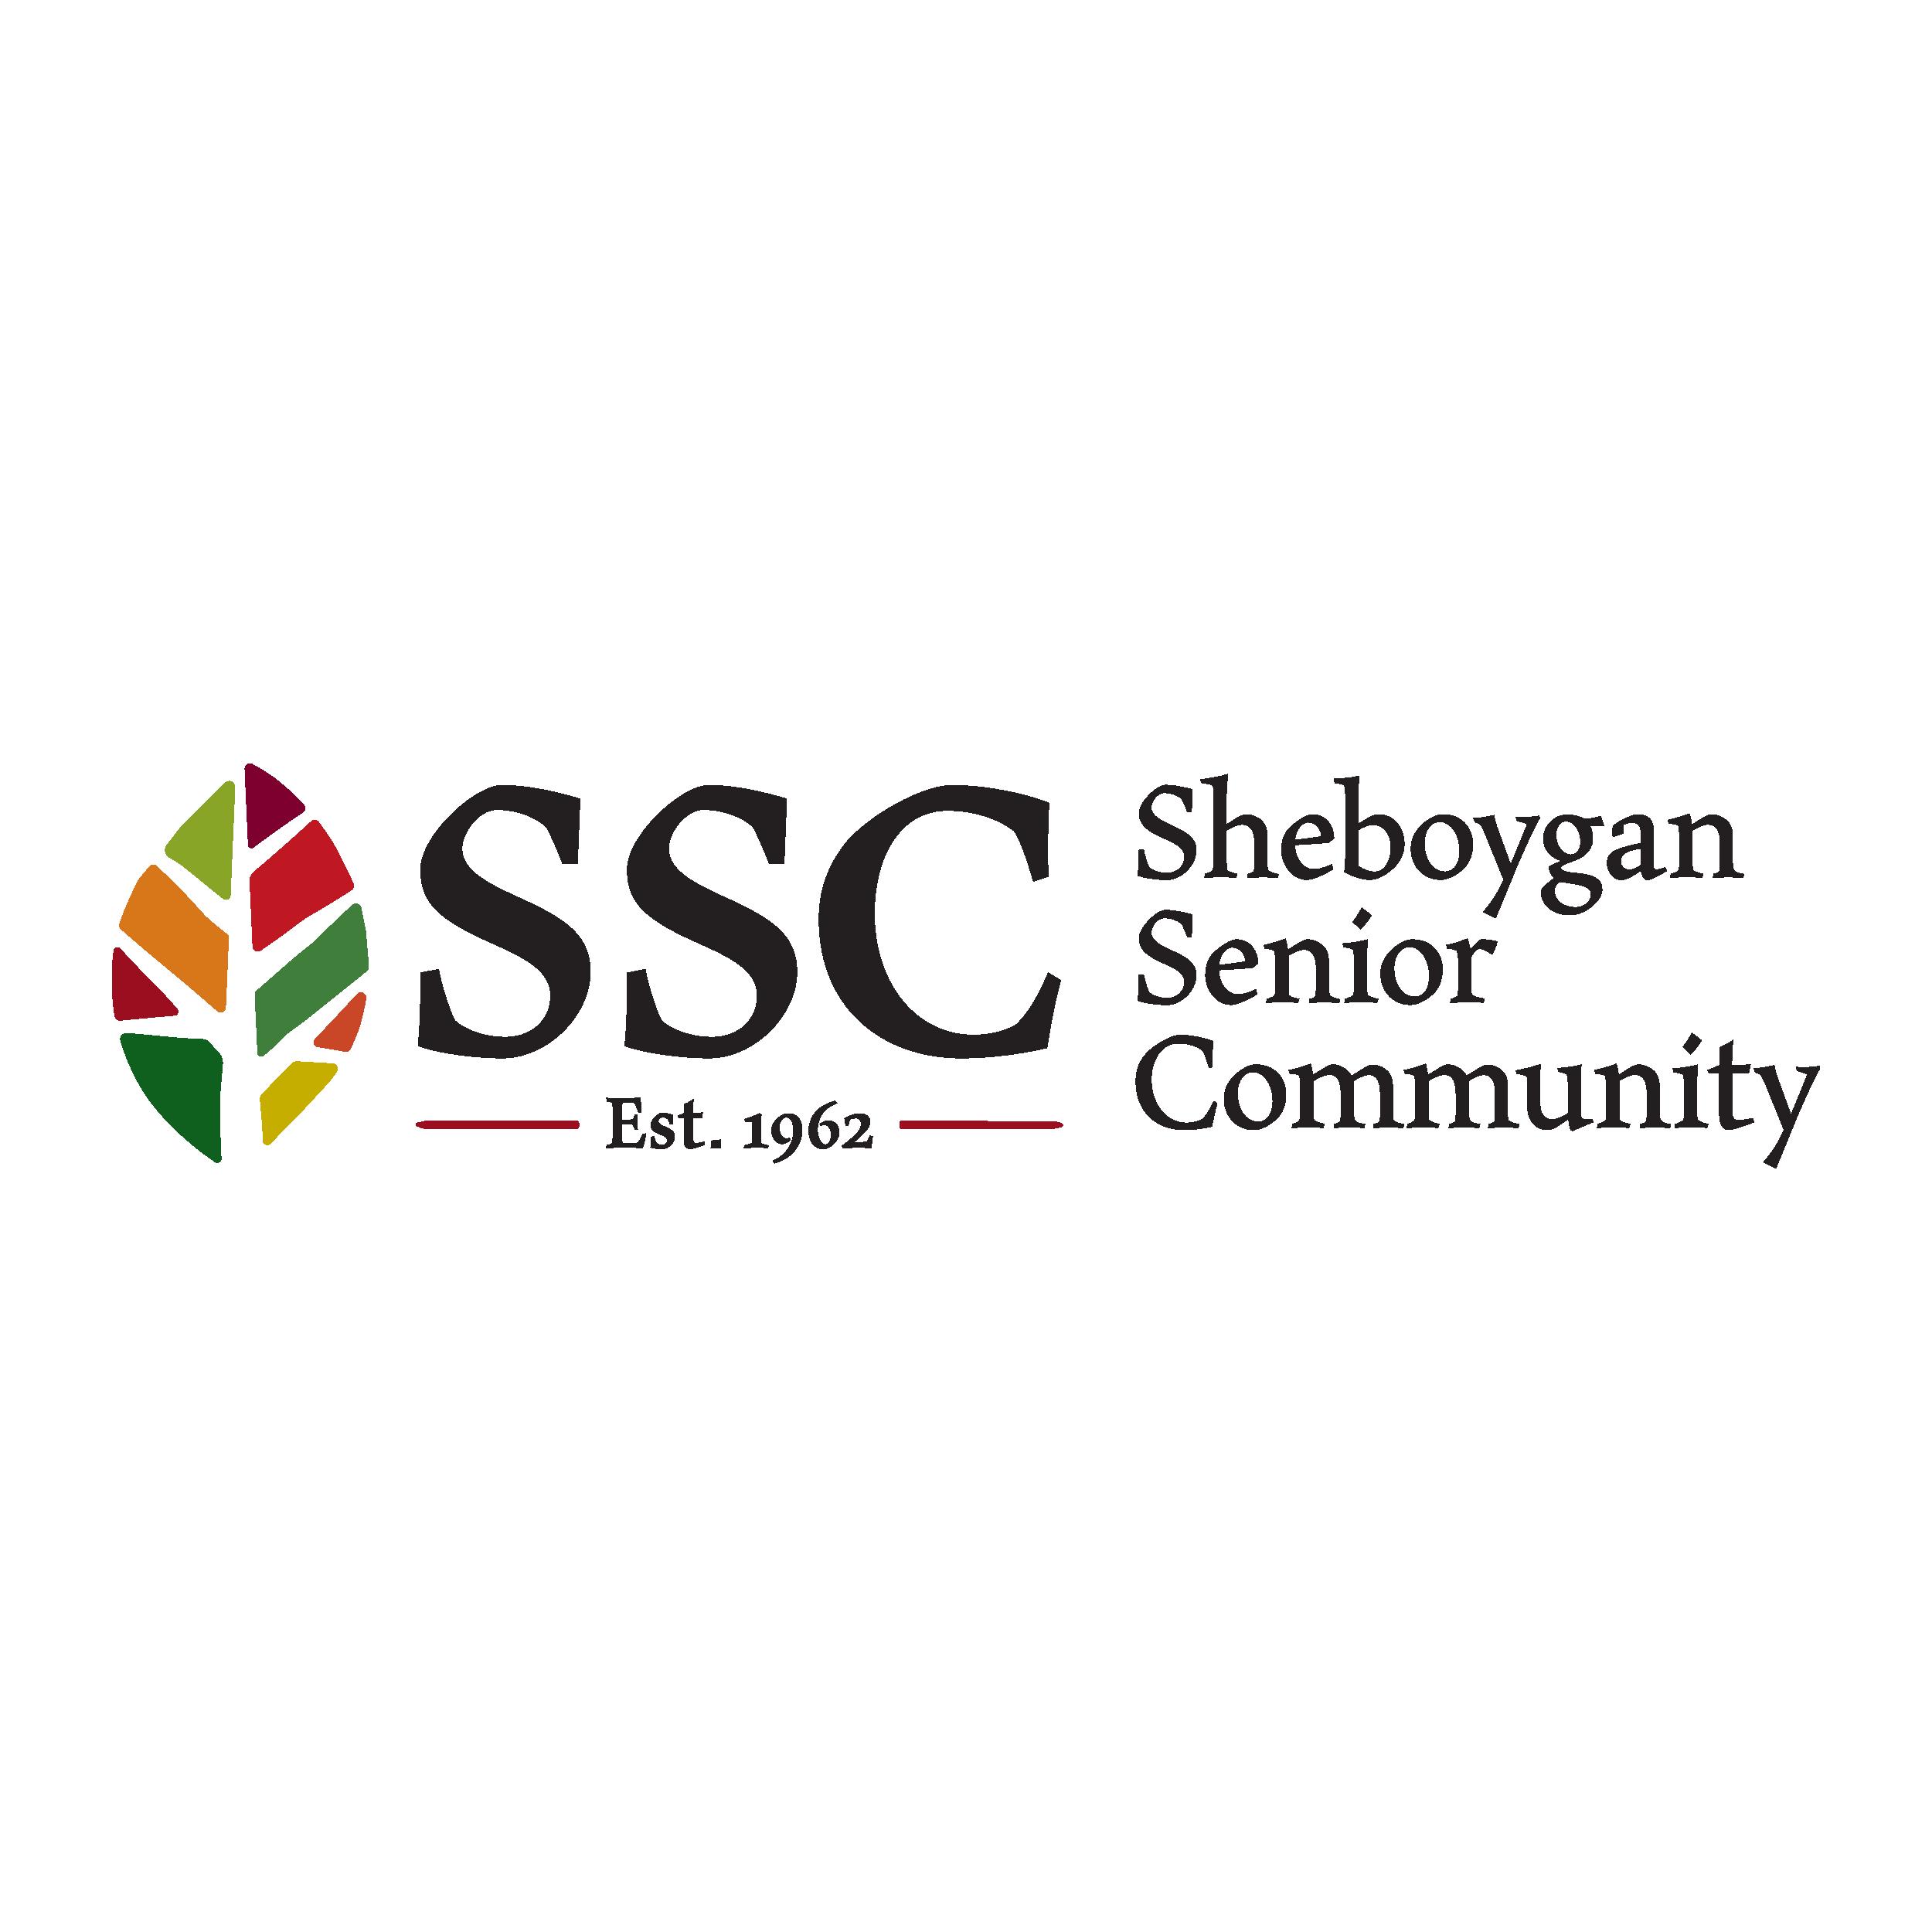 SSC Sheboygan Senior Community